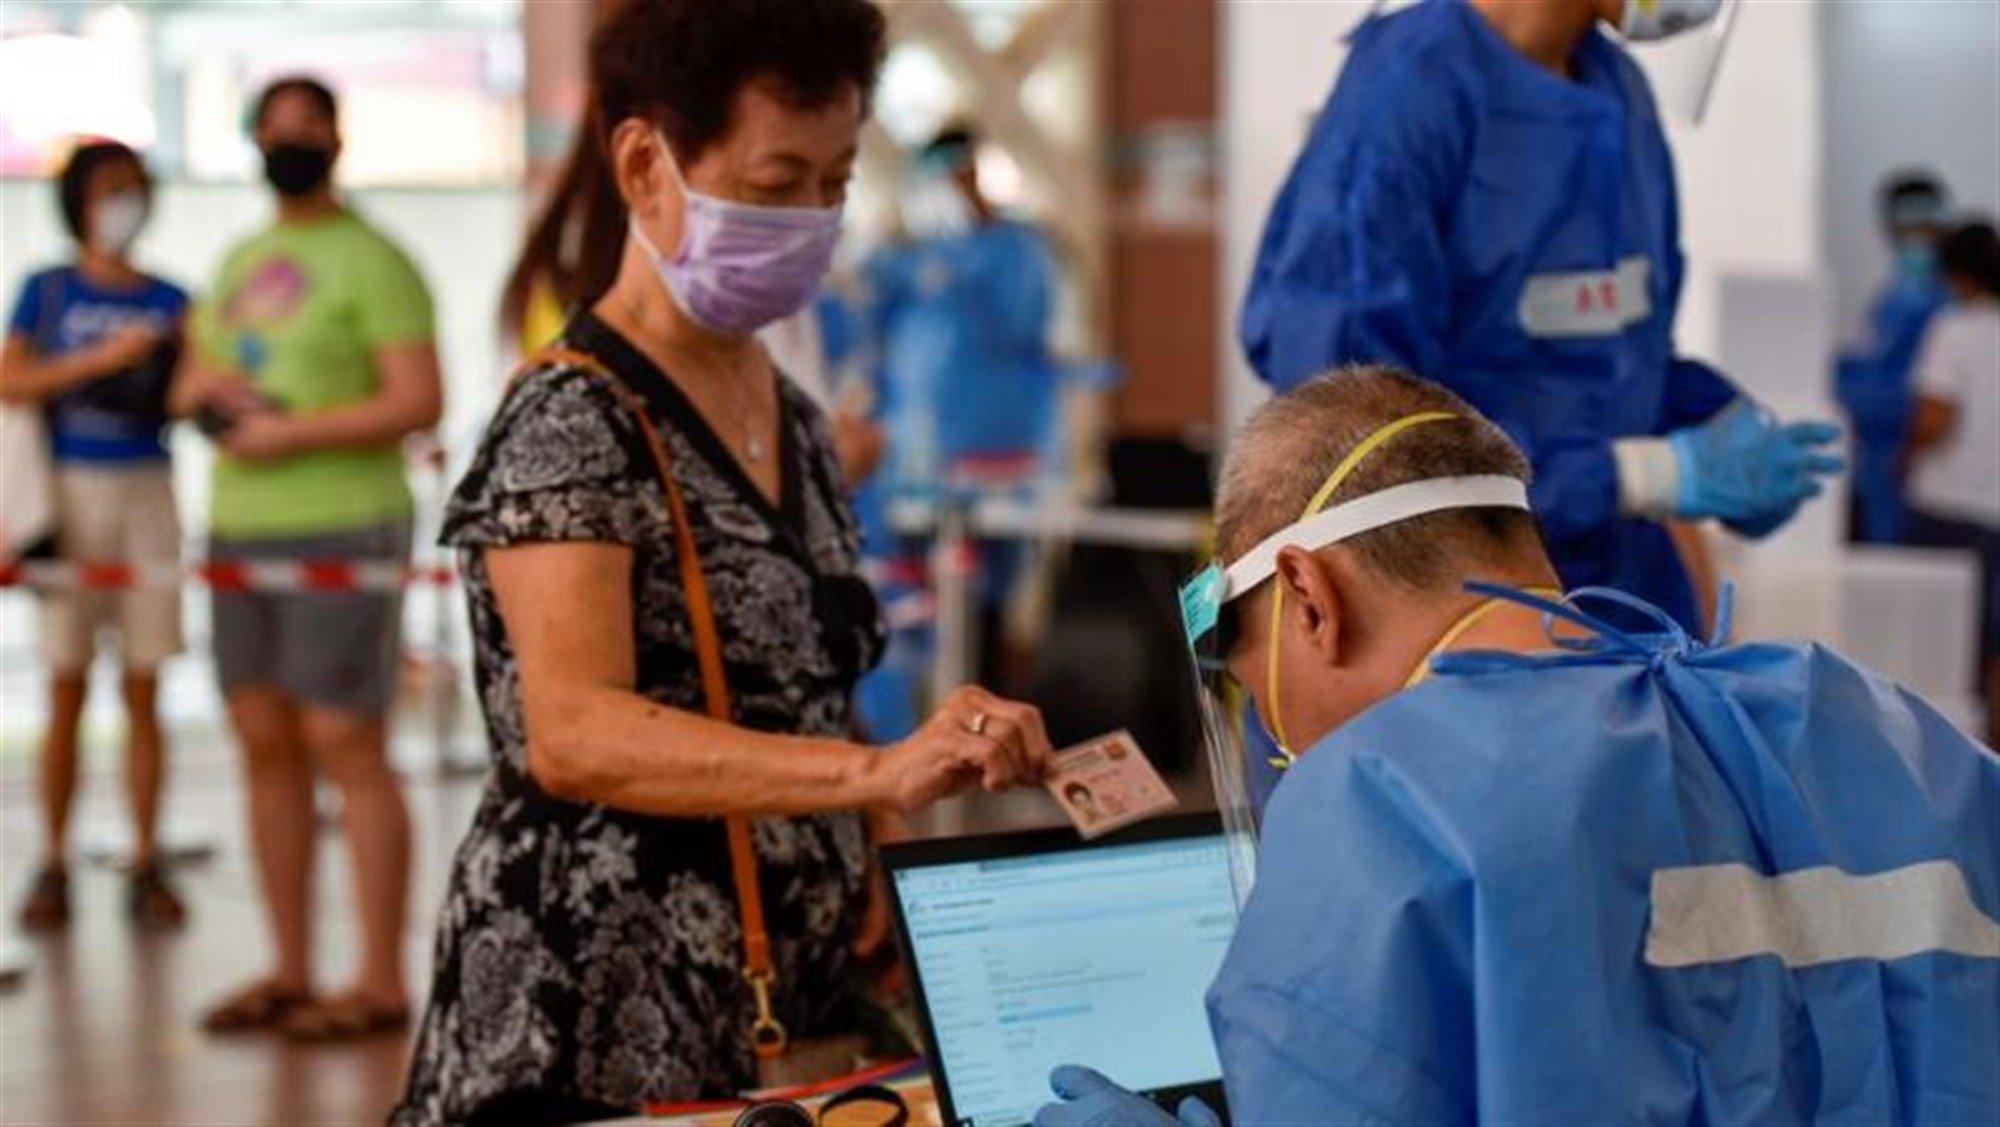 Bên trong một điểm xét nghiệm Covid-19 của Singapore hồi tháng 6. Ảnh: Reuters